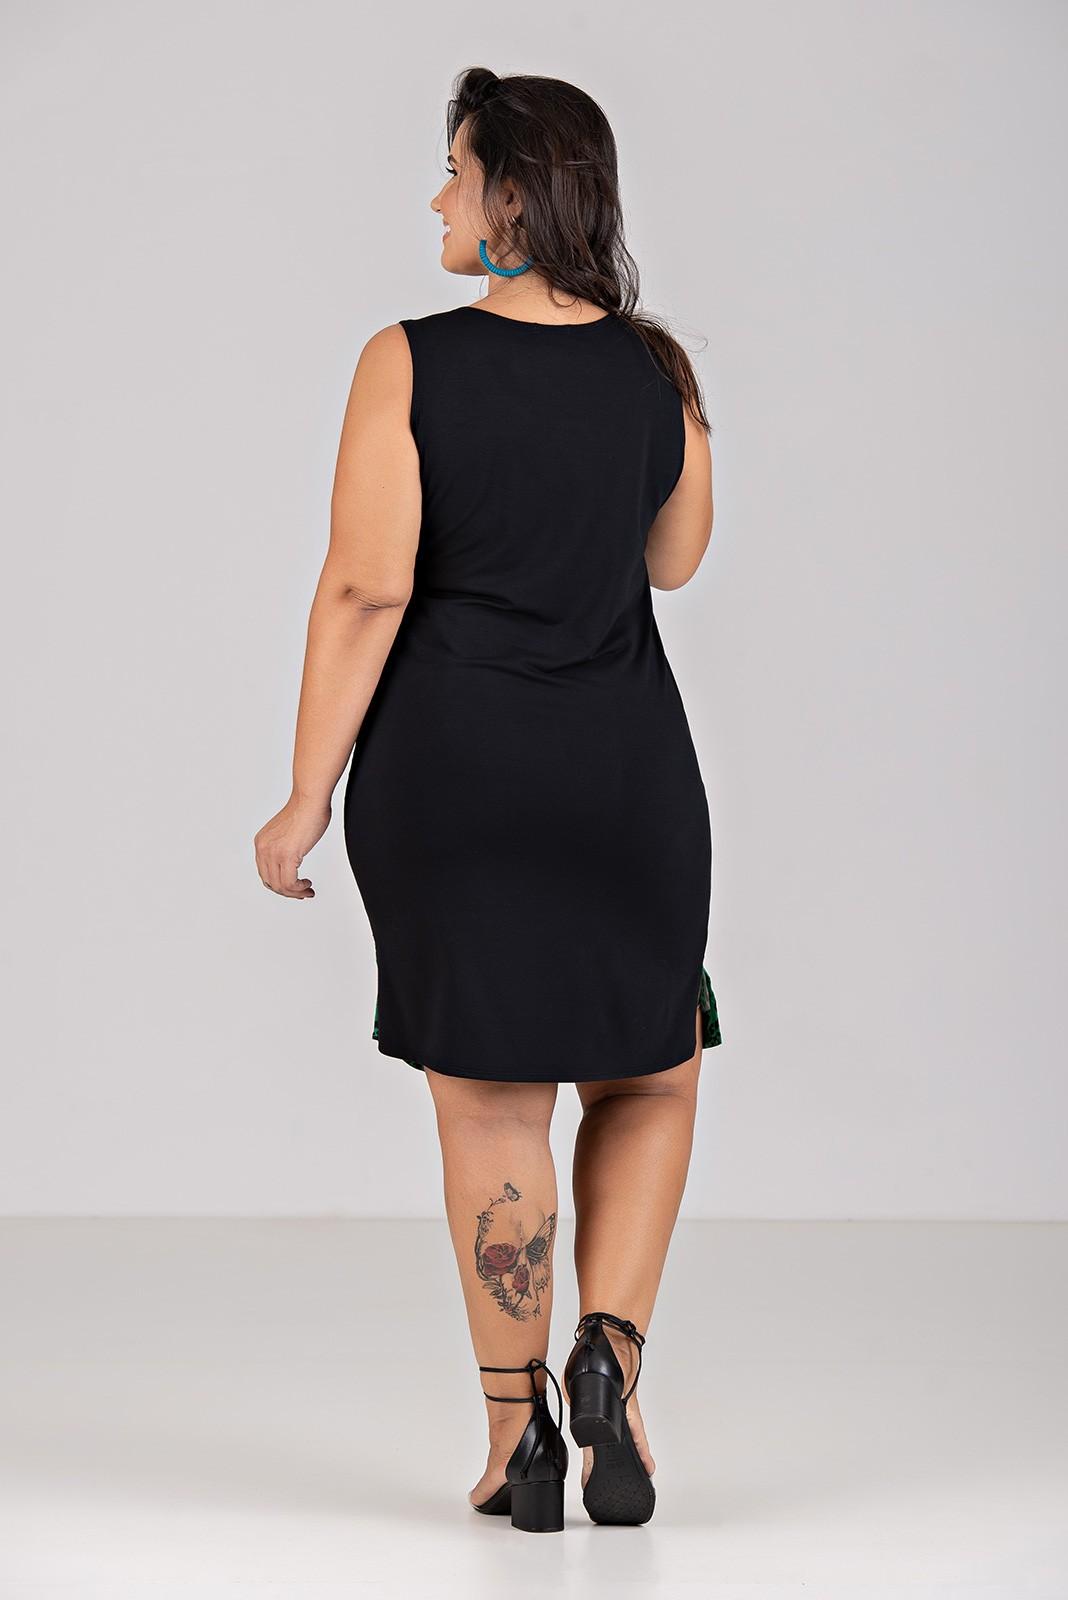 Vestido Plano Com Moletinho - Plus Size